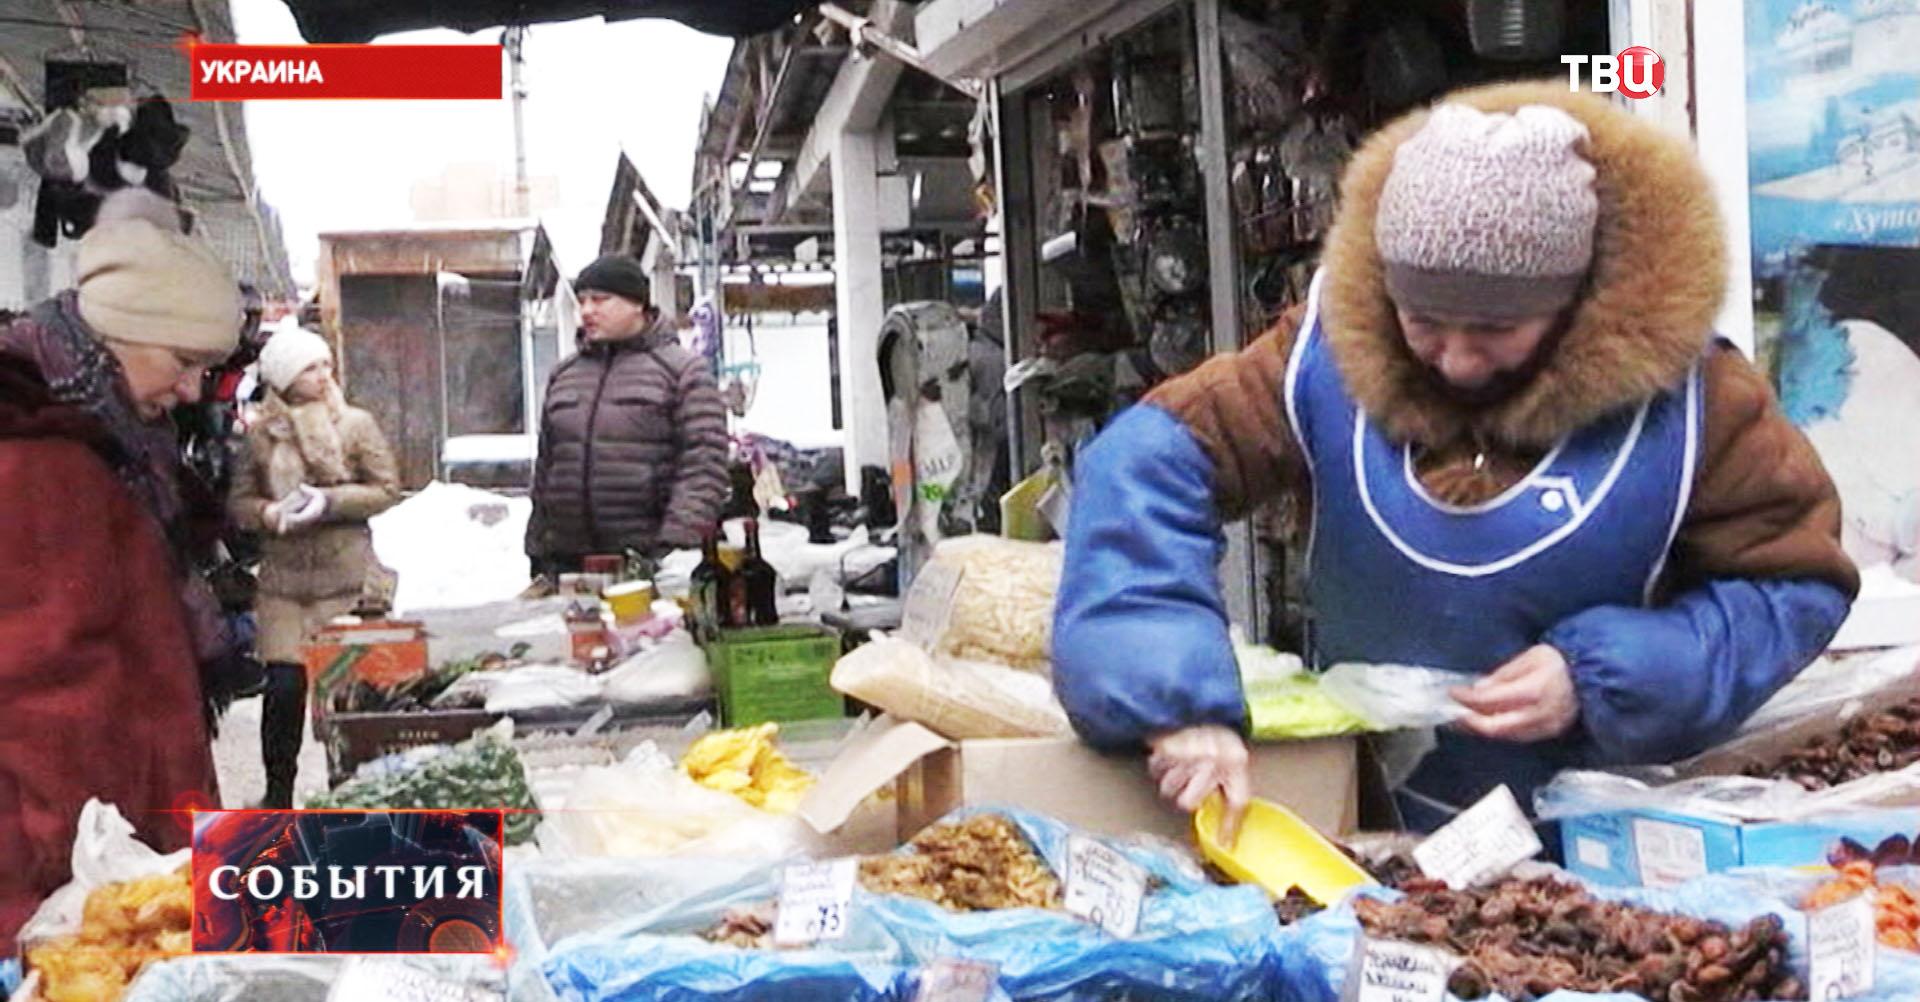 Рынок в Луганске